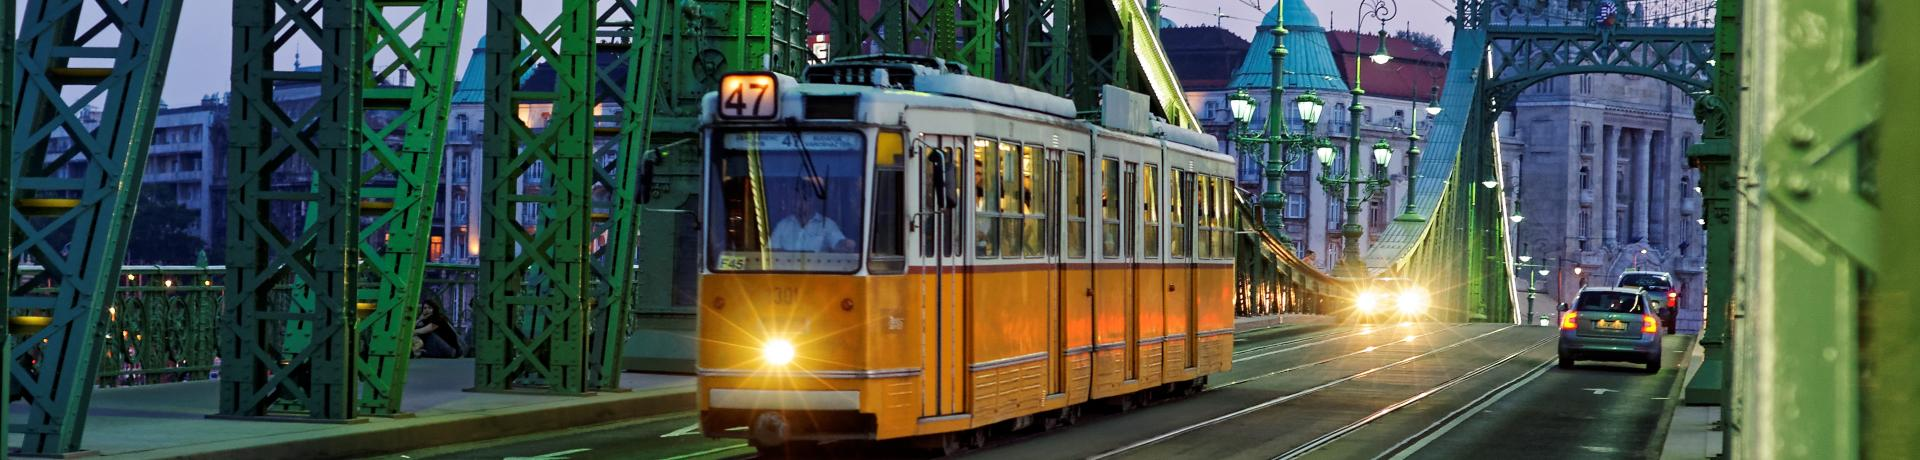 tram-2610528.jpg